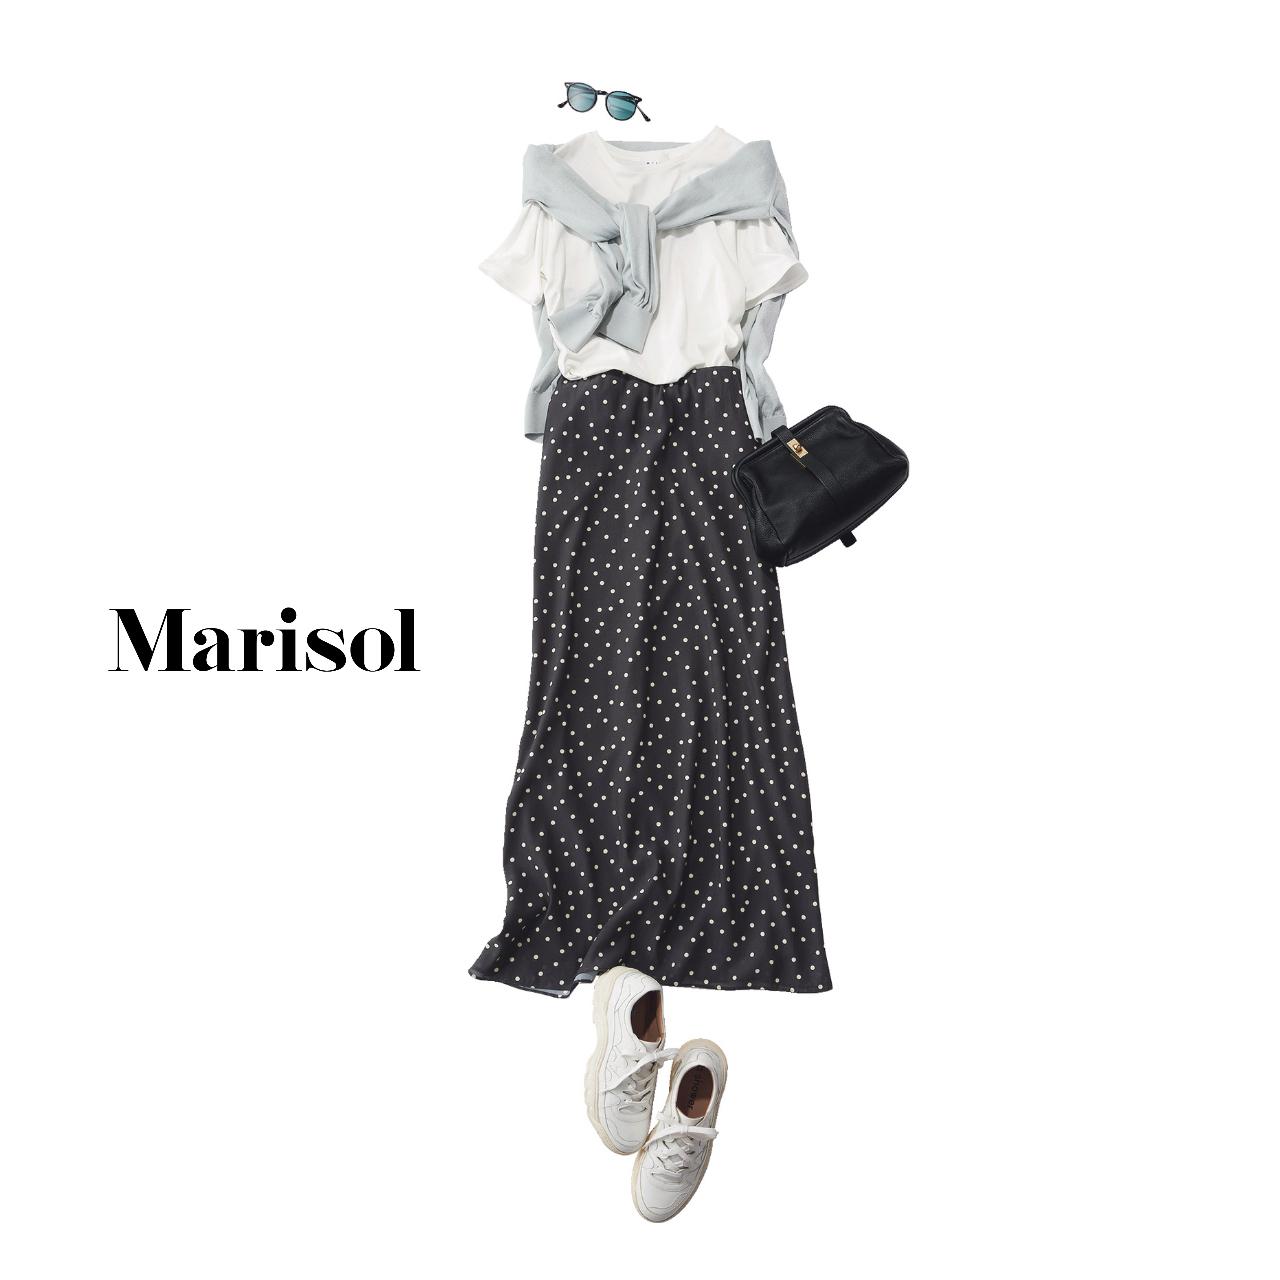 40代ファッション  Tシャツ×ニット×ドット柄ロングスカートトコーデ